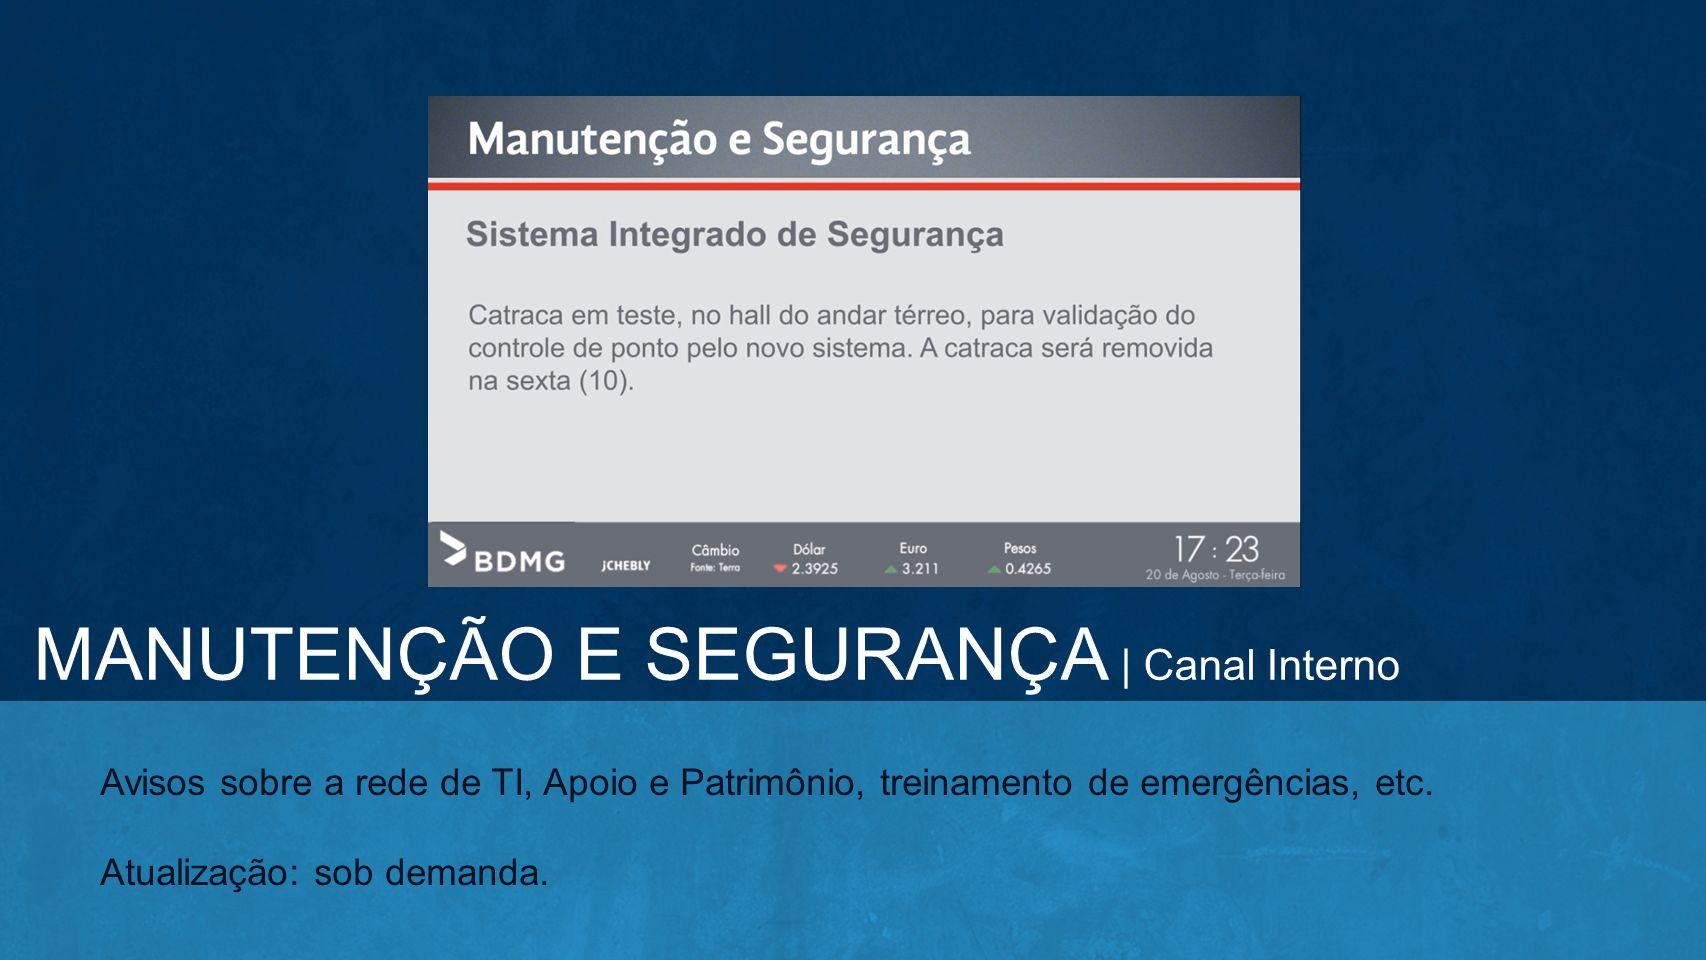 MANUTENÇÃO E SEGURANÇA | Canal Interno